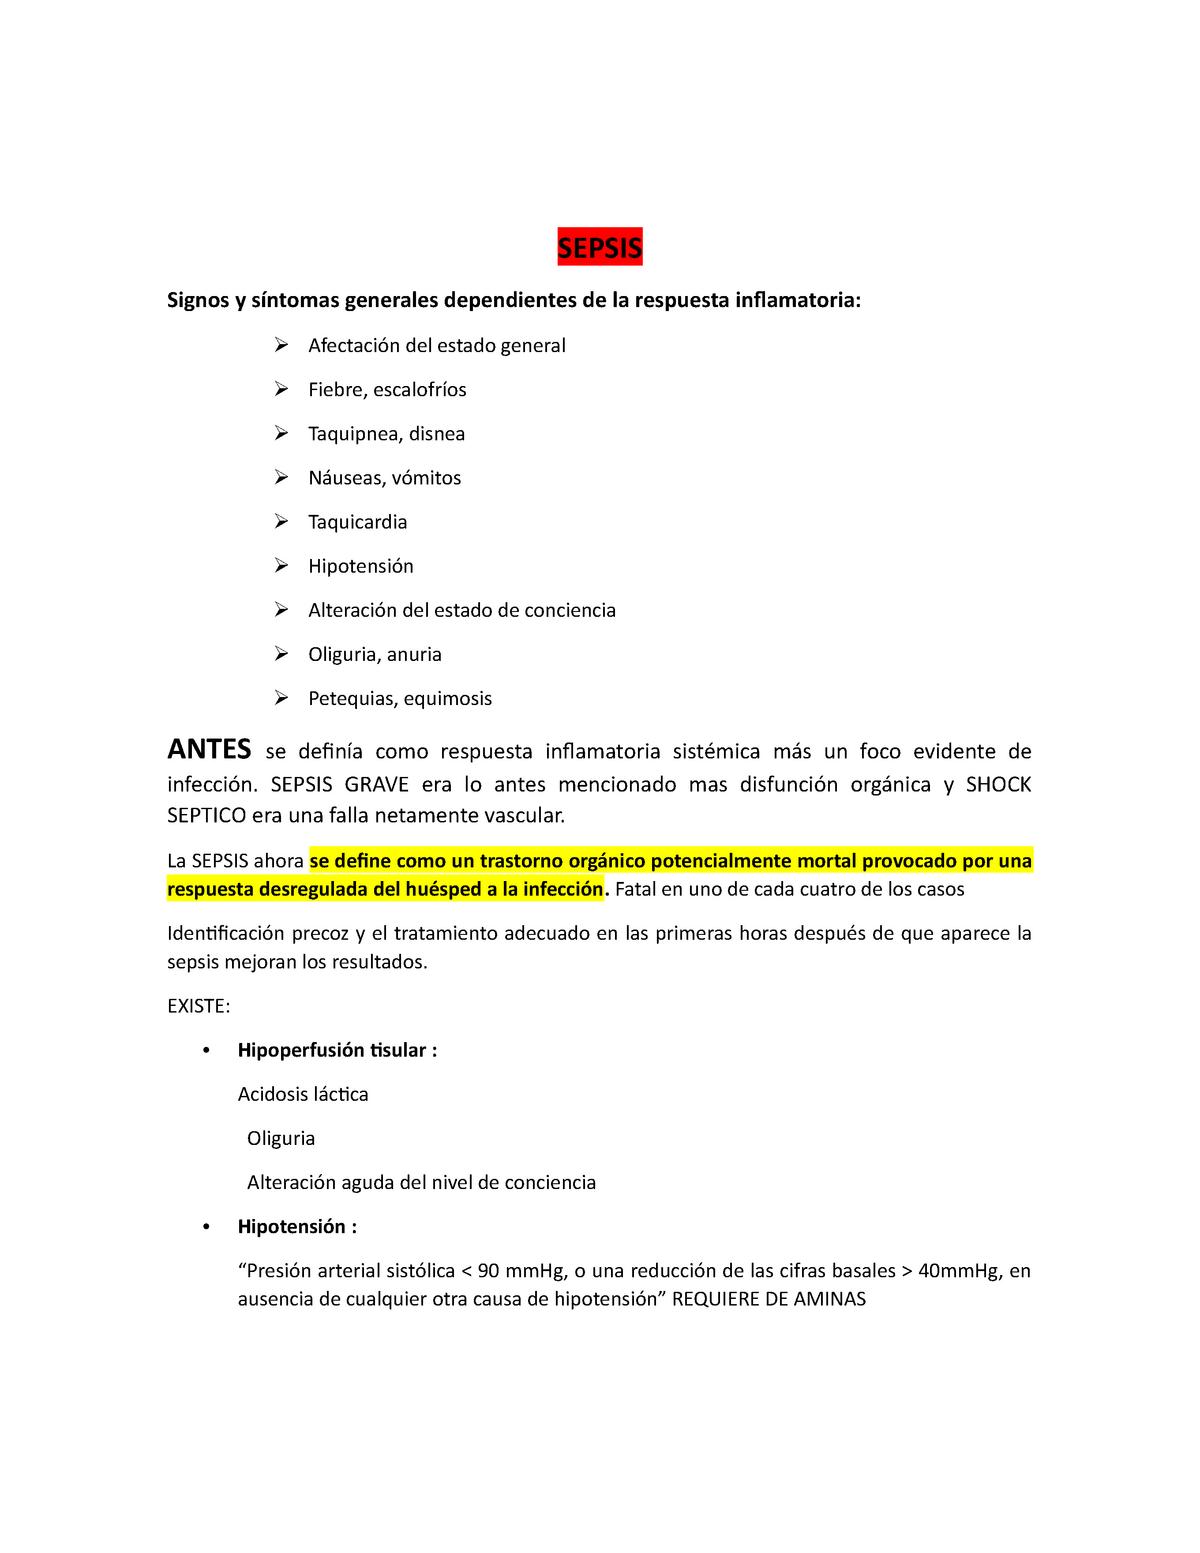 Infección séptica presión arterial